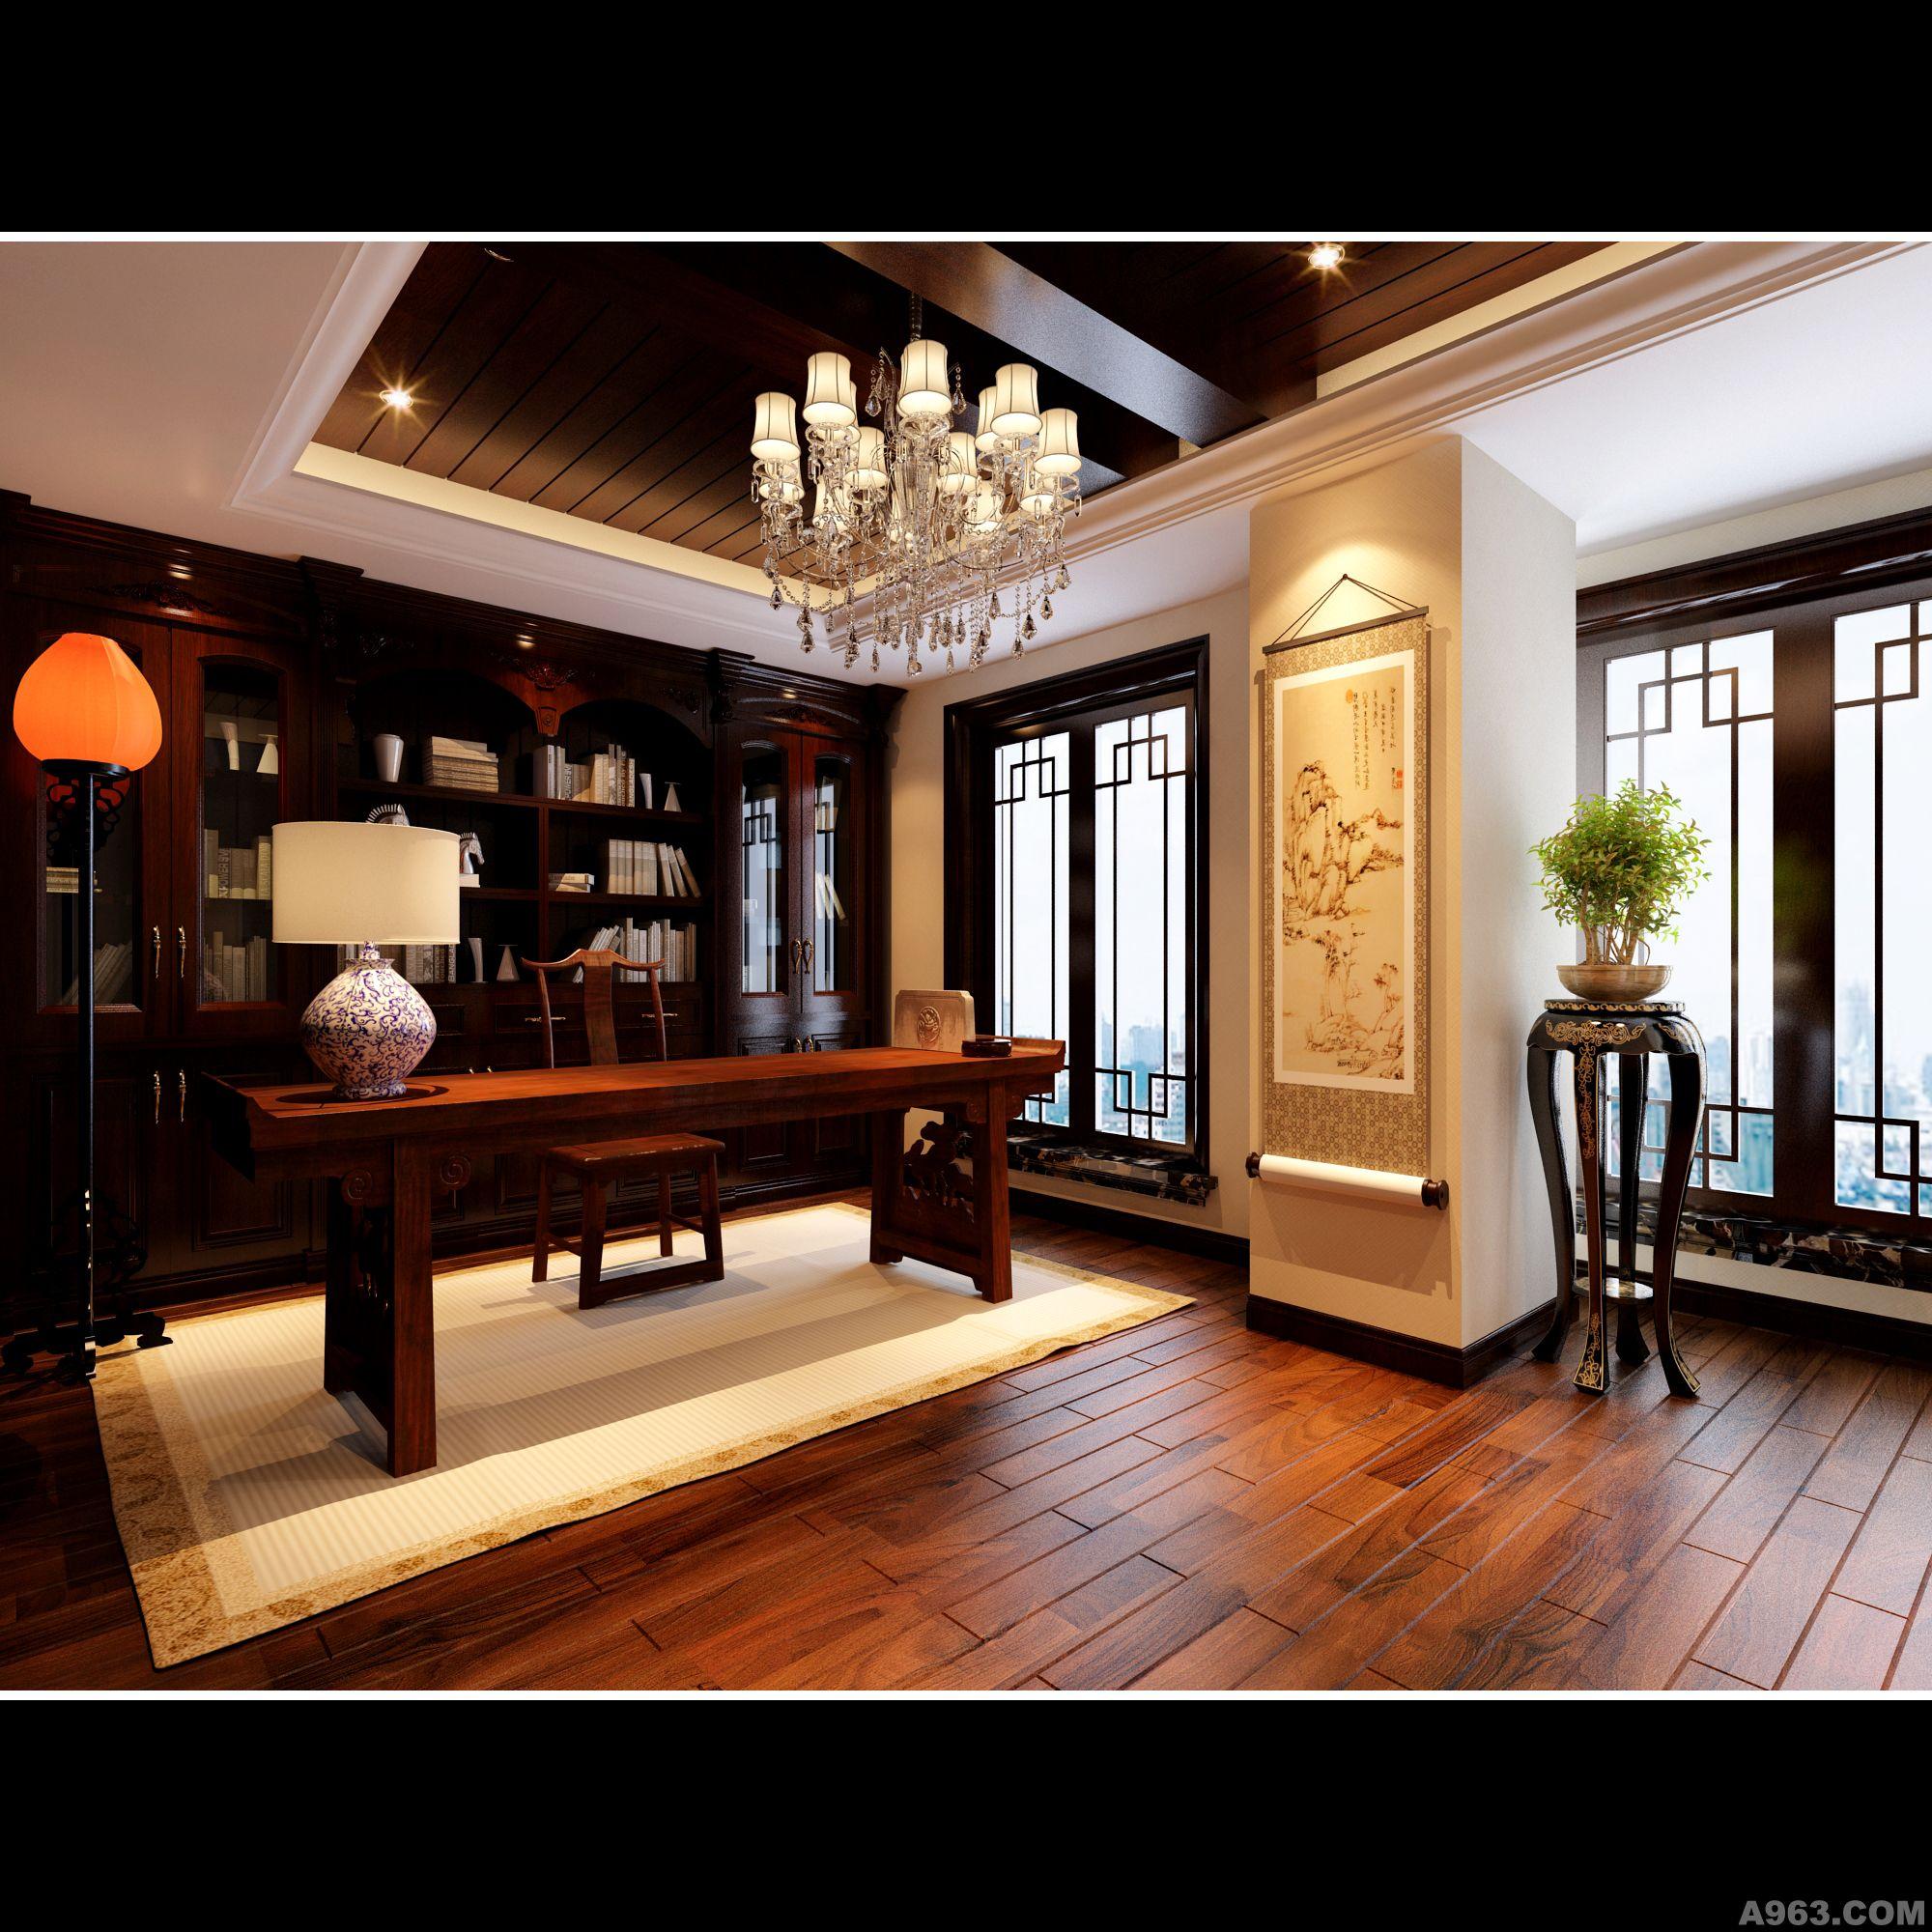 中式情怀 - 别墅豪宅 - 武汉室内设计网_武汉室内设计